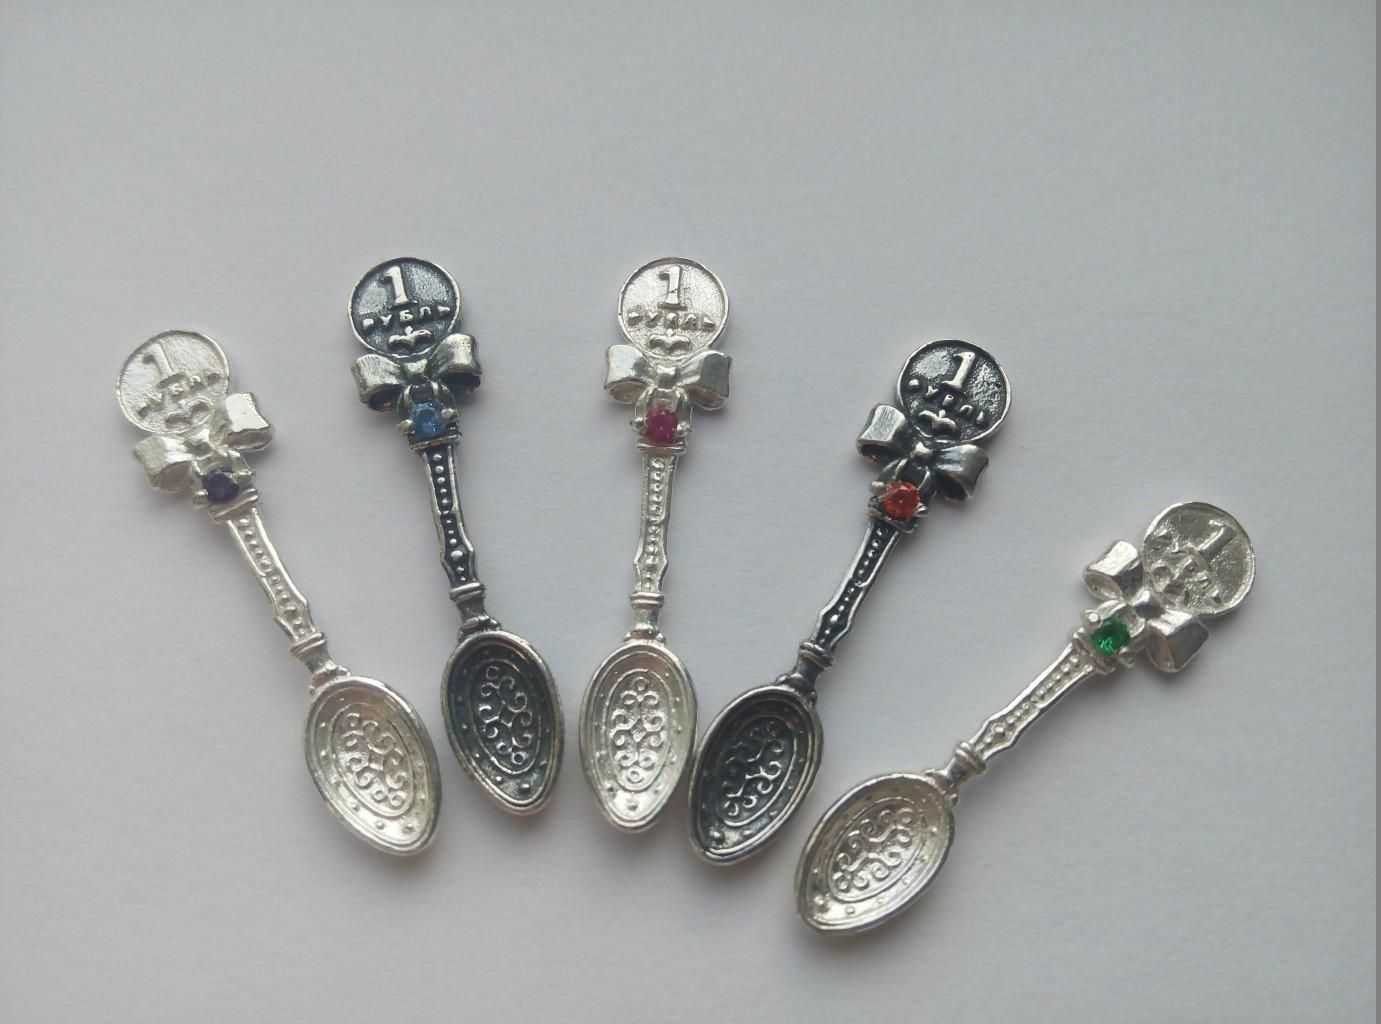 Сбор заказ.Must have для каждого! Ложки-загребушки и кошельковые мыши, серебряные сувениры, талисманы обереги. Выбираем подарки !